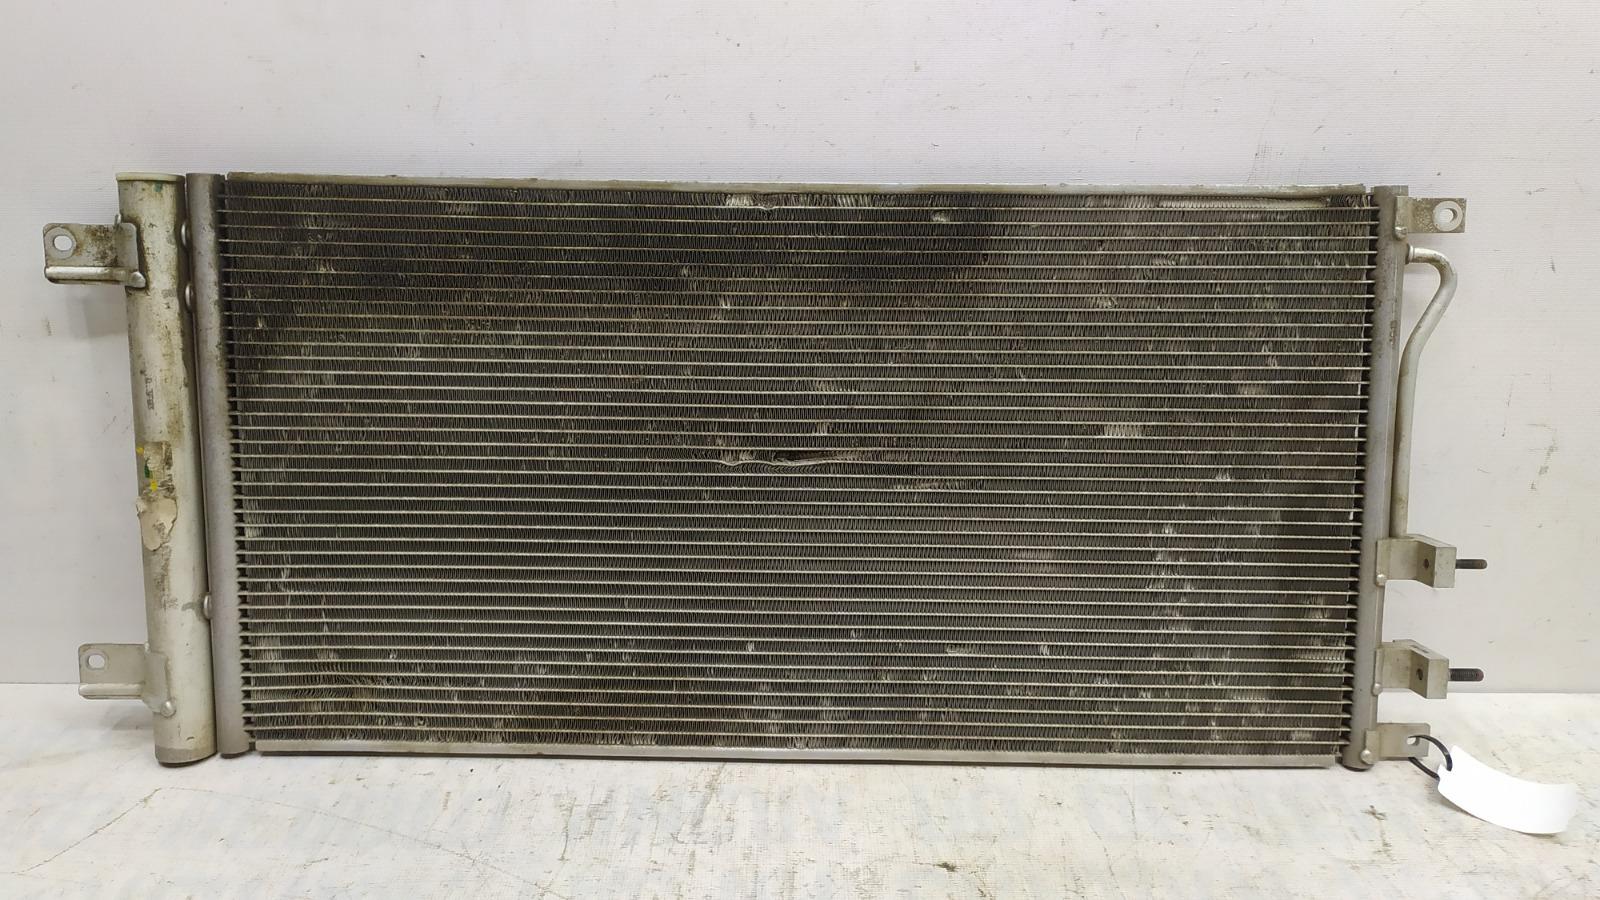 Радиатор кондиционера SsangYong Actyon 2 2011- CK 6840034001 Б/У